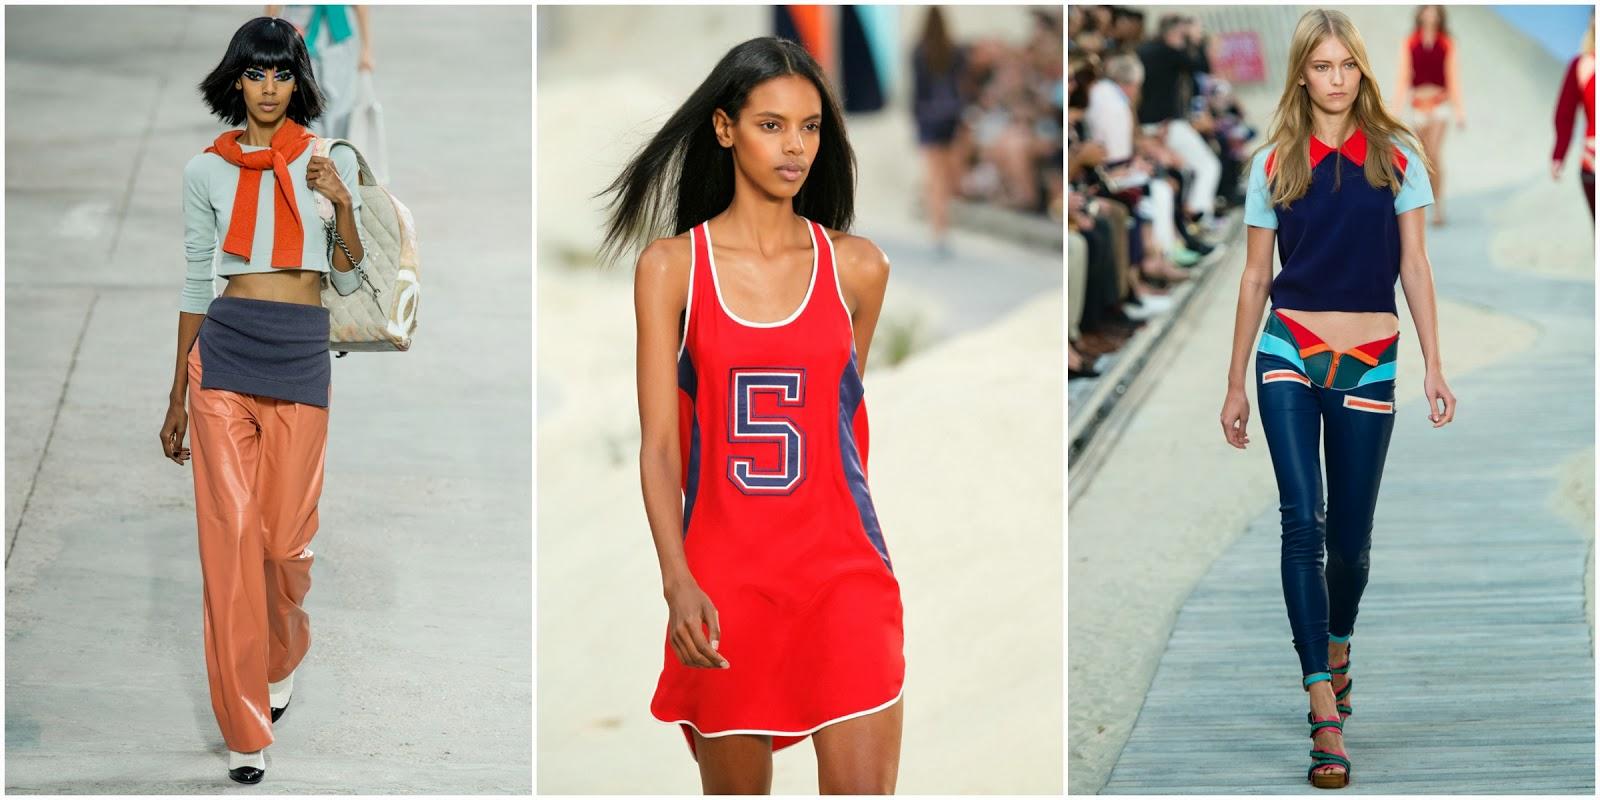 Athletic Wear Fashion Trend